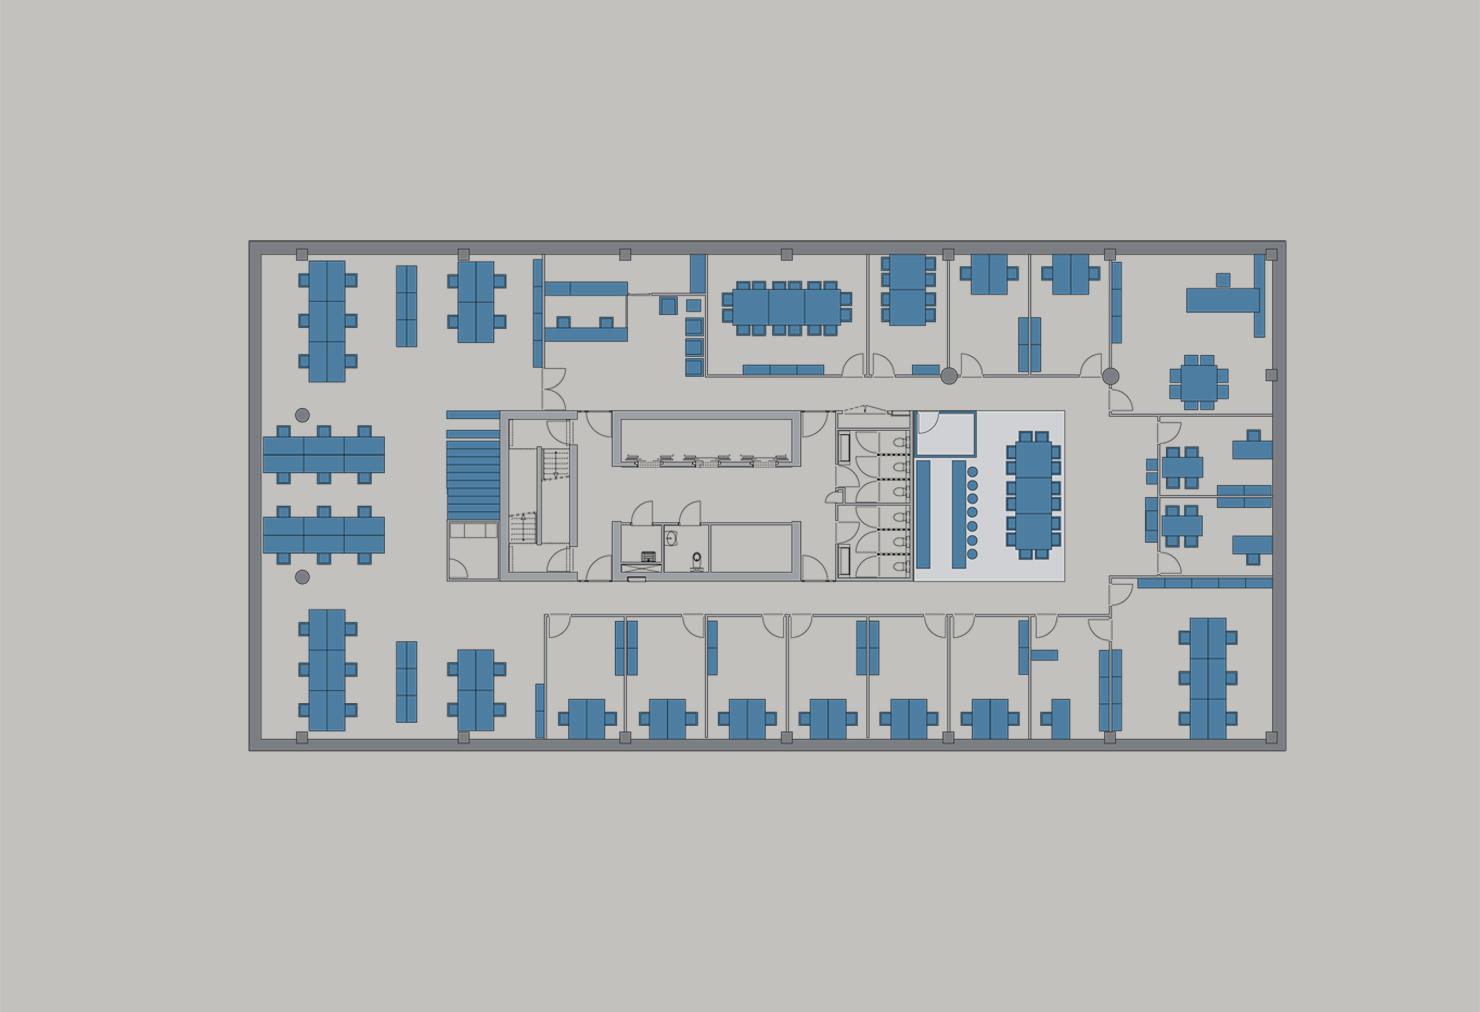 Kantoorgebouw De Landdrost Almere - Variant 1